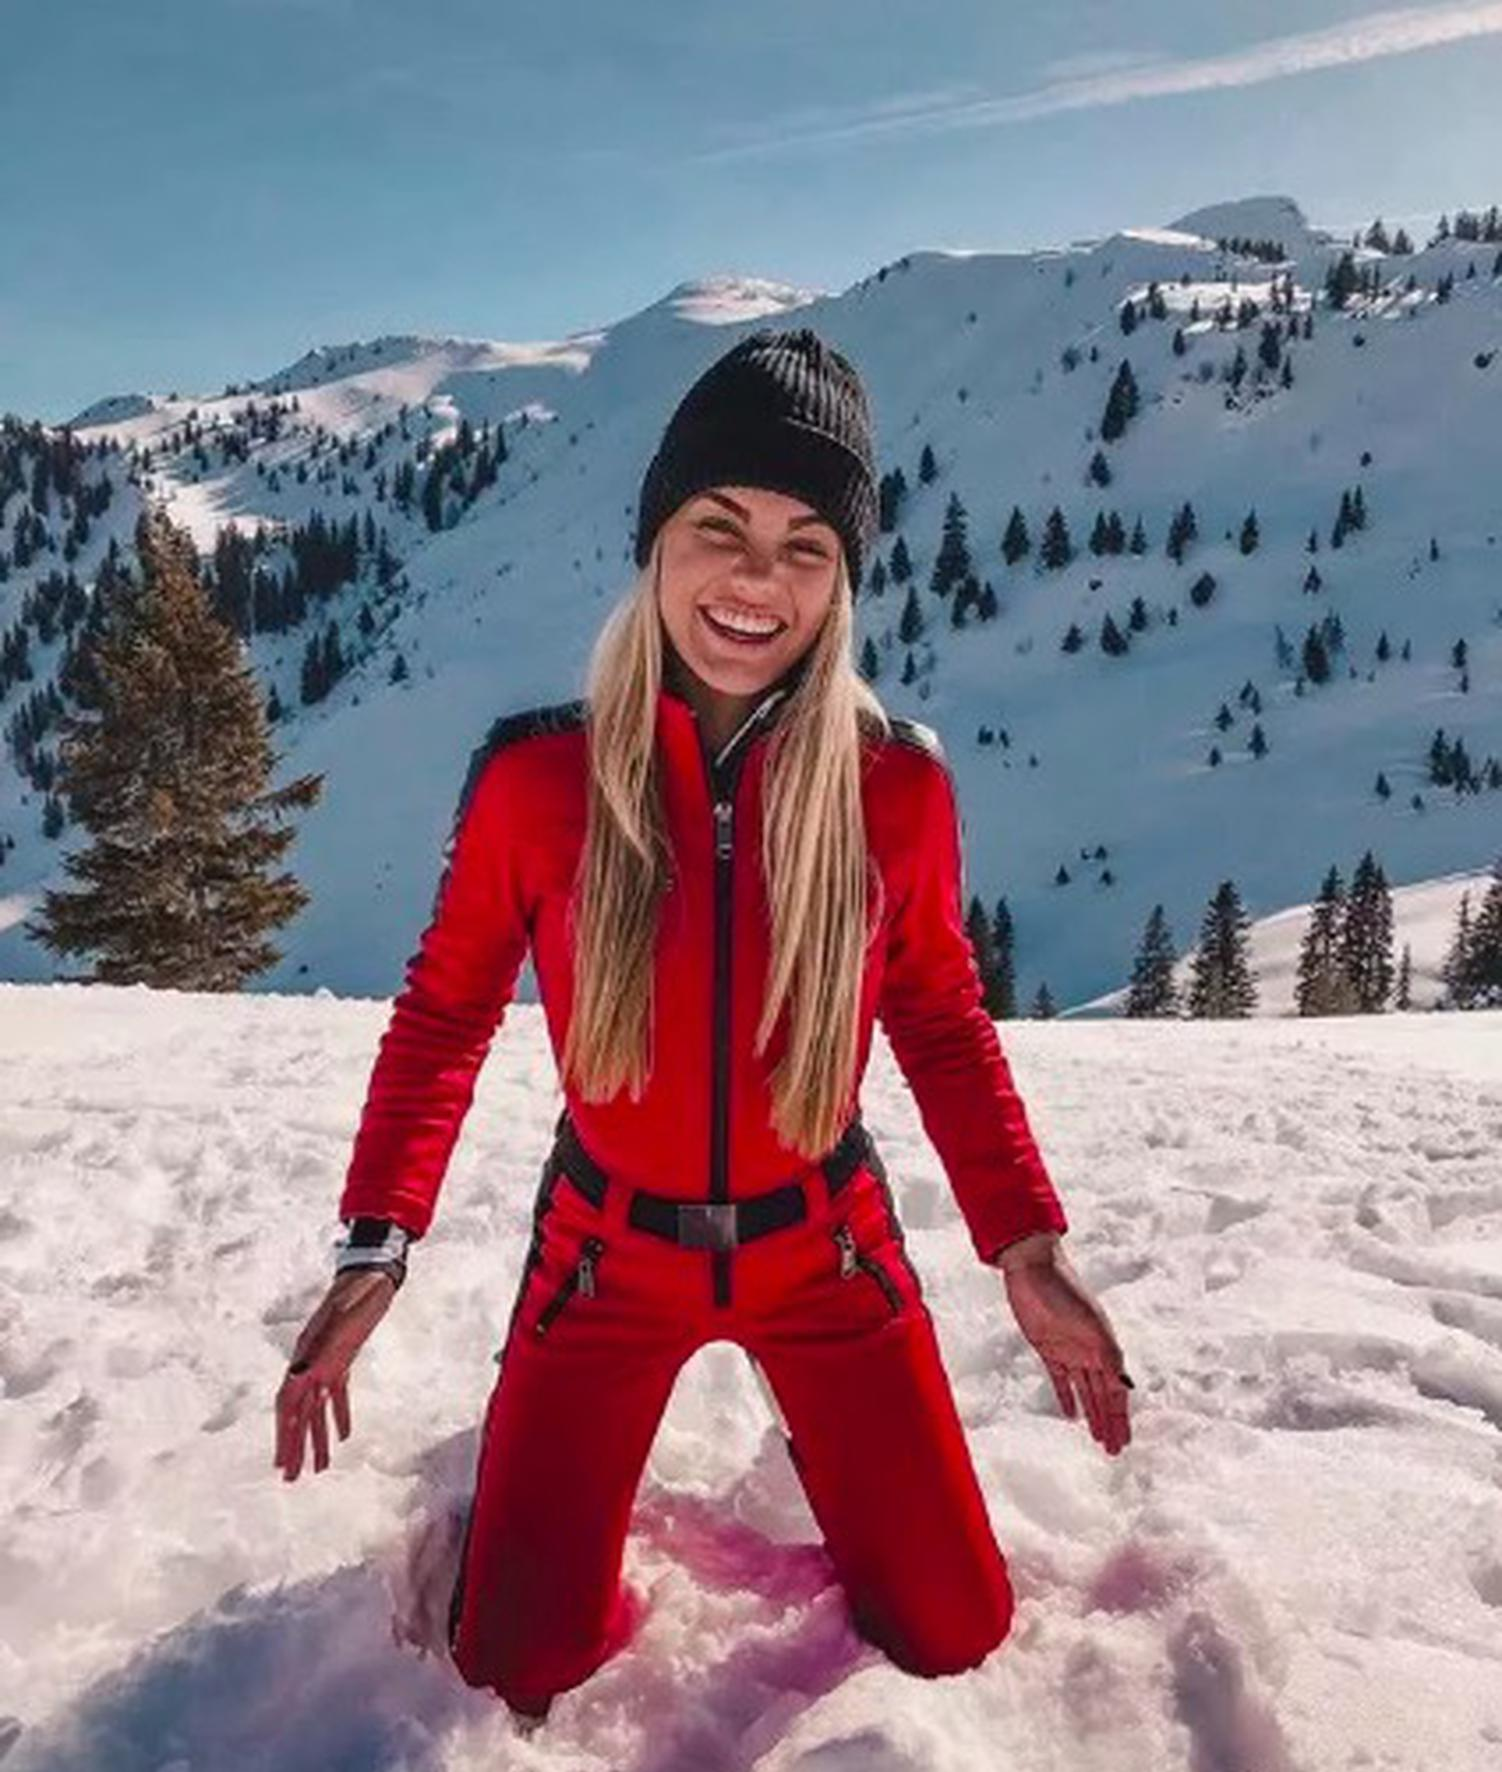 范德泽在病发前夜滑雪时留下的最后一张照片。